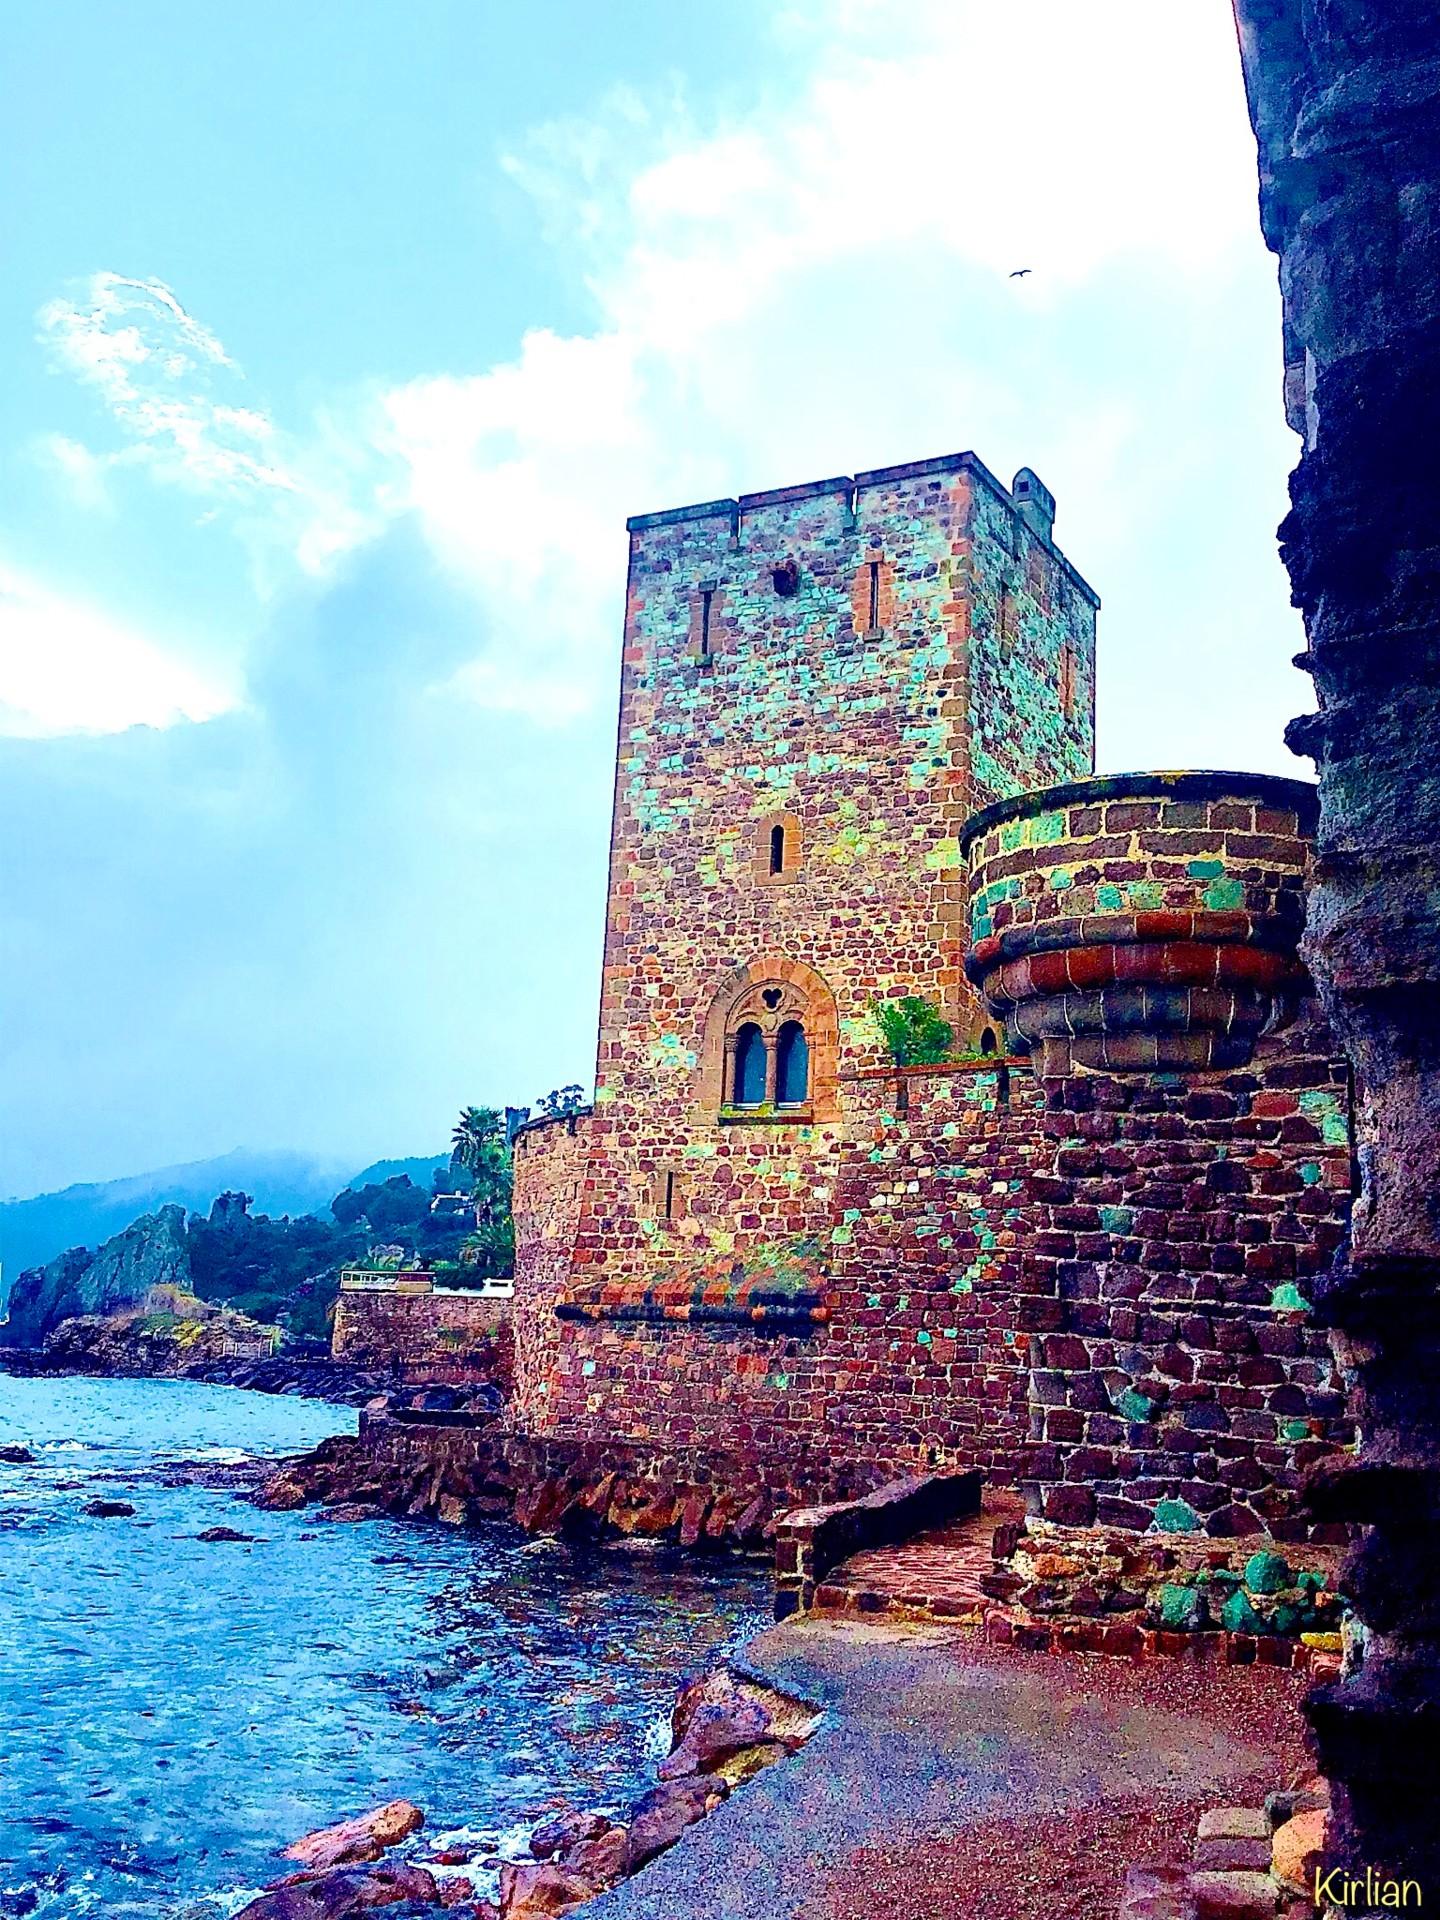 Kirlian - Le Château au bord de l'eau